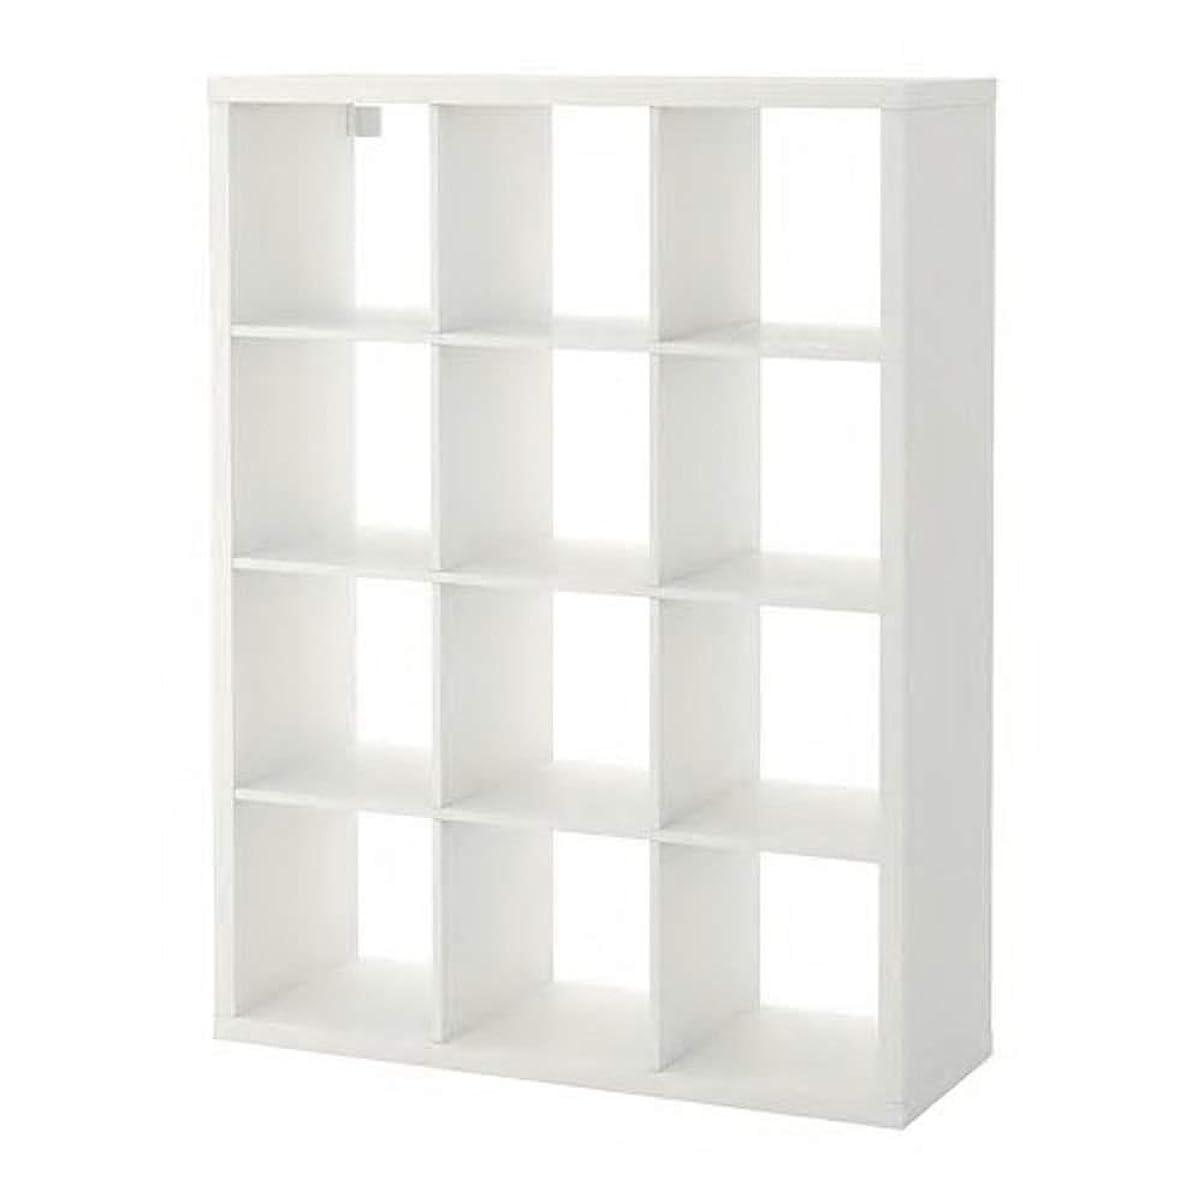 引数弁護士司教IKEA/イケア KALLAX/カラックス:シェルフユニット112x147 cm ホワイト (604.099.39)